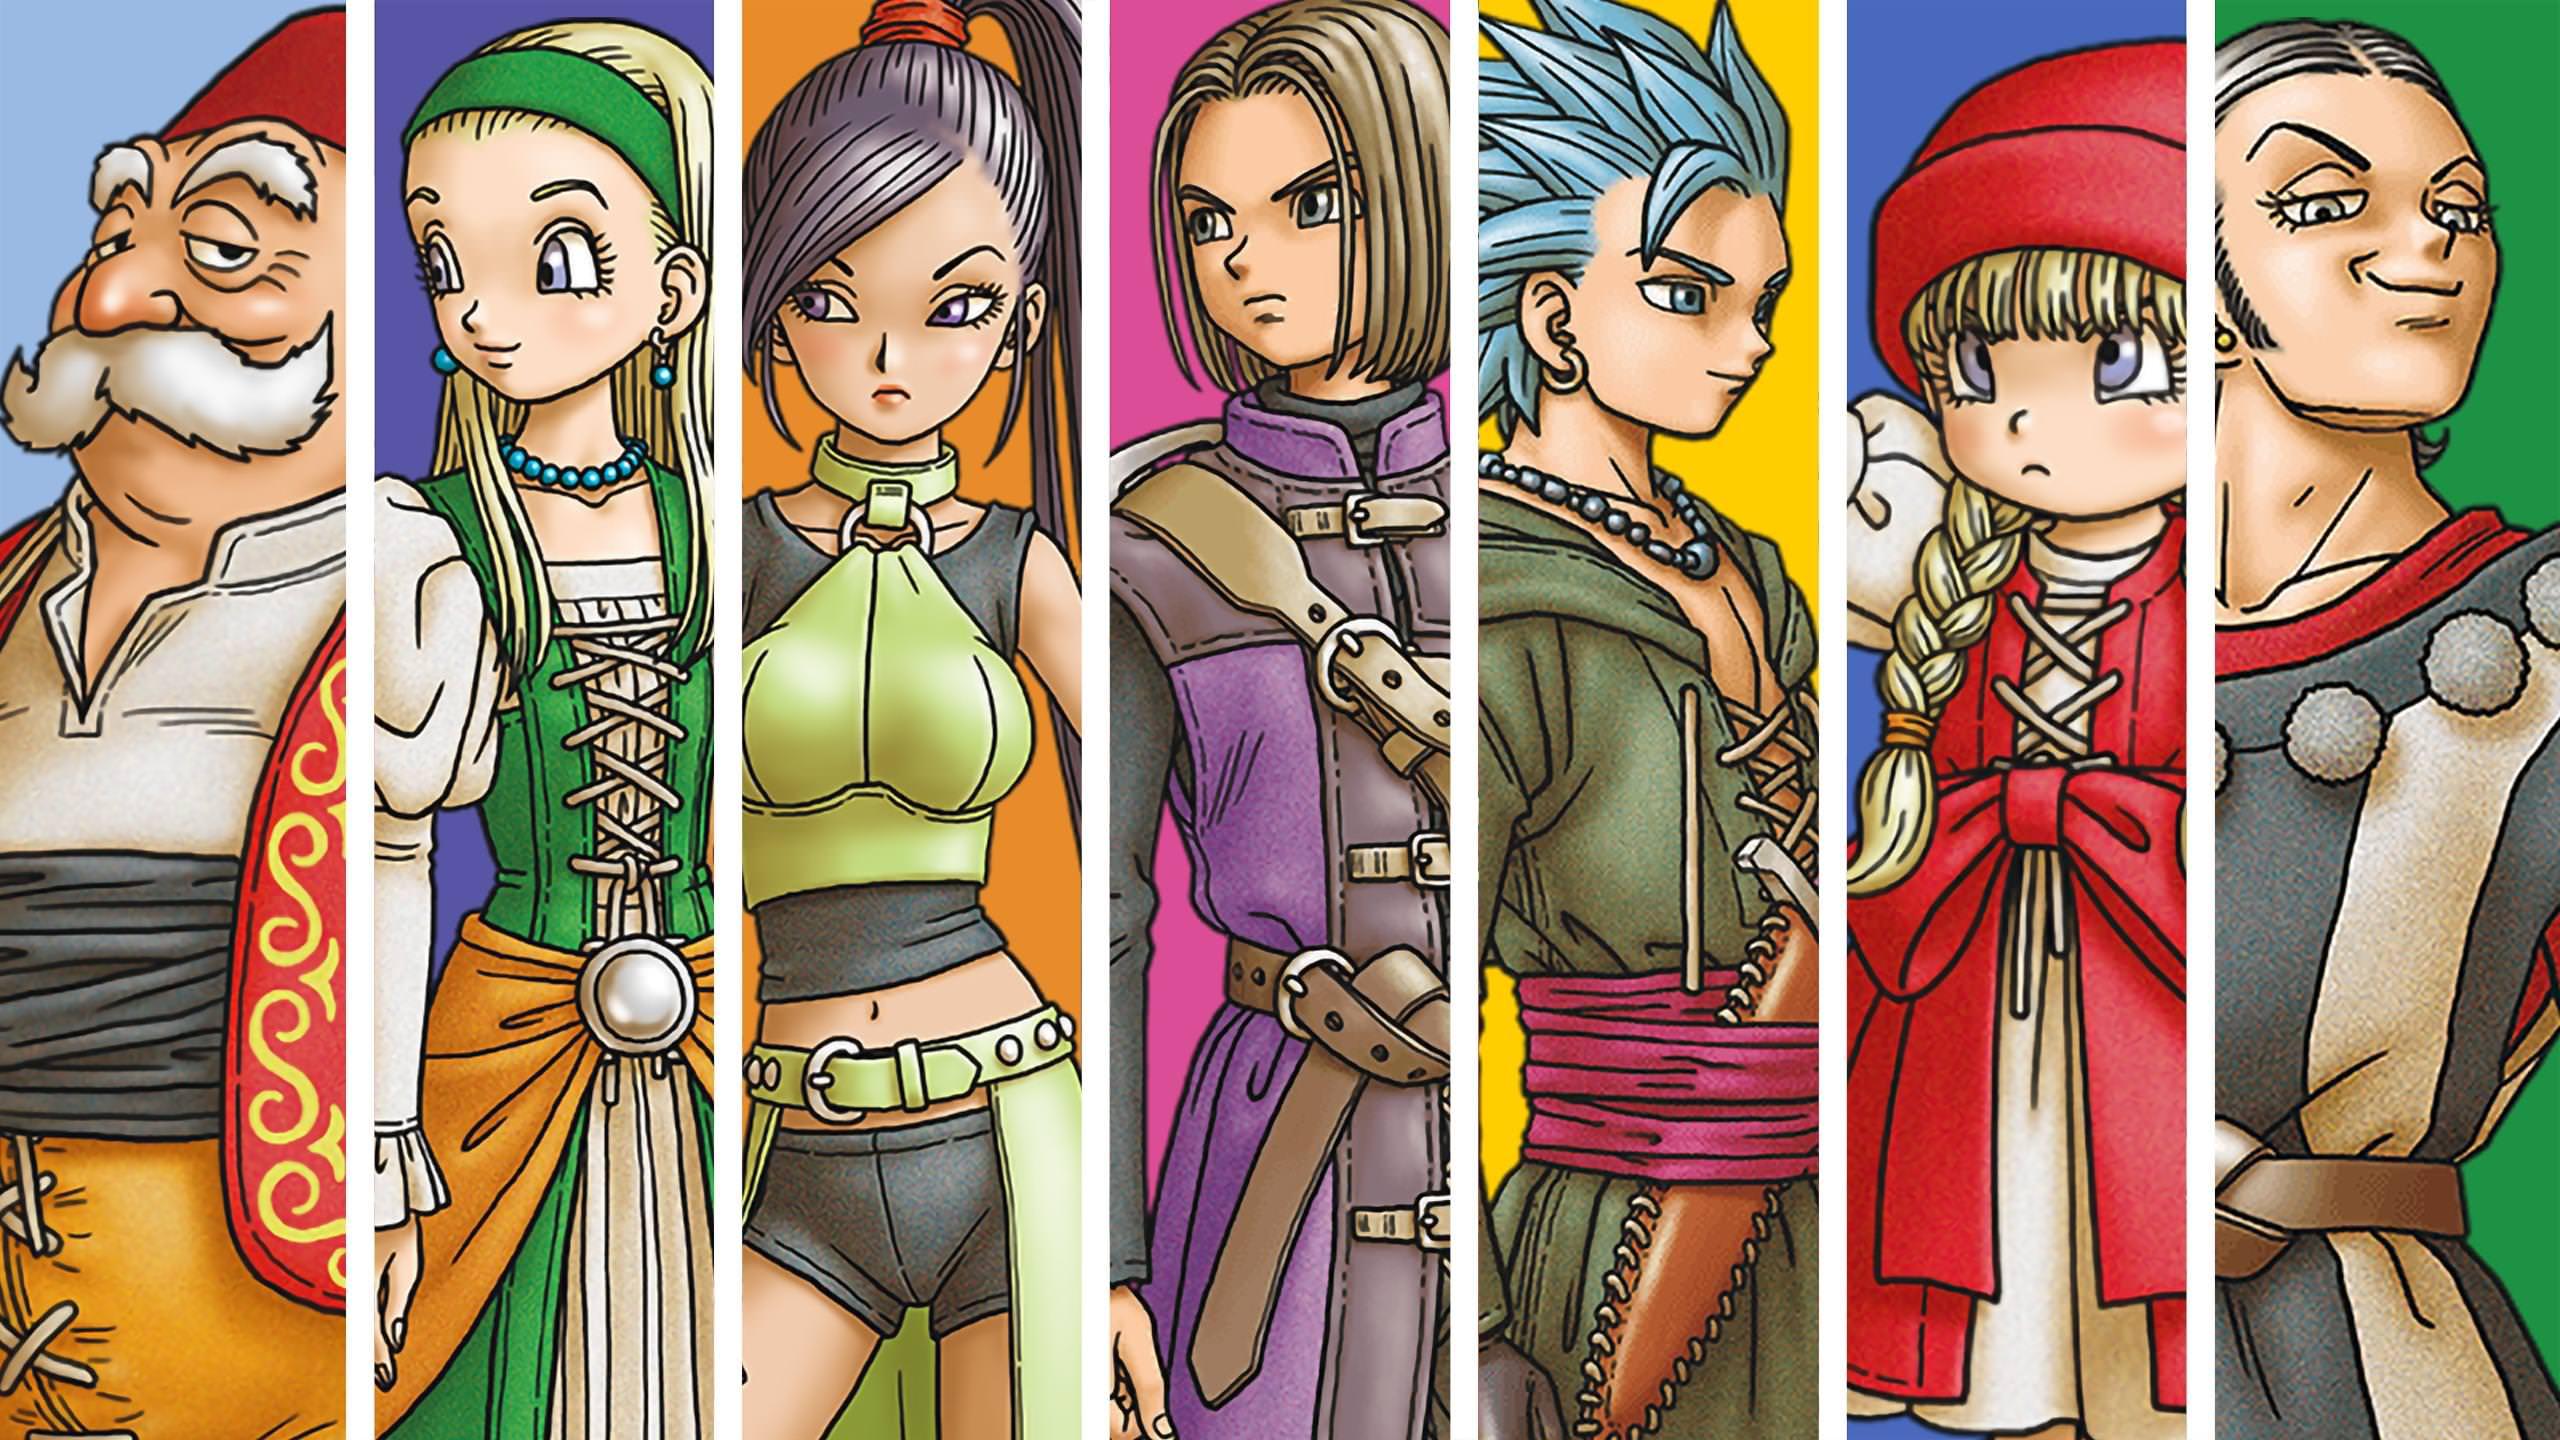 Dragon Quest XI Wallpapers - Top Free Dragon Quest XI ...